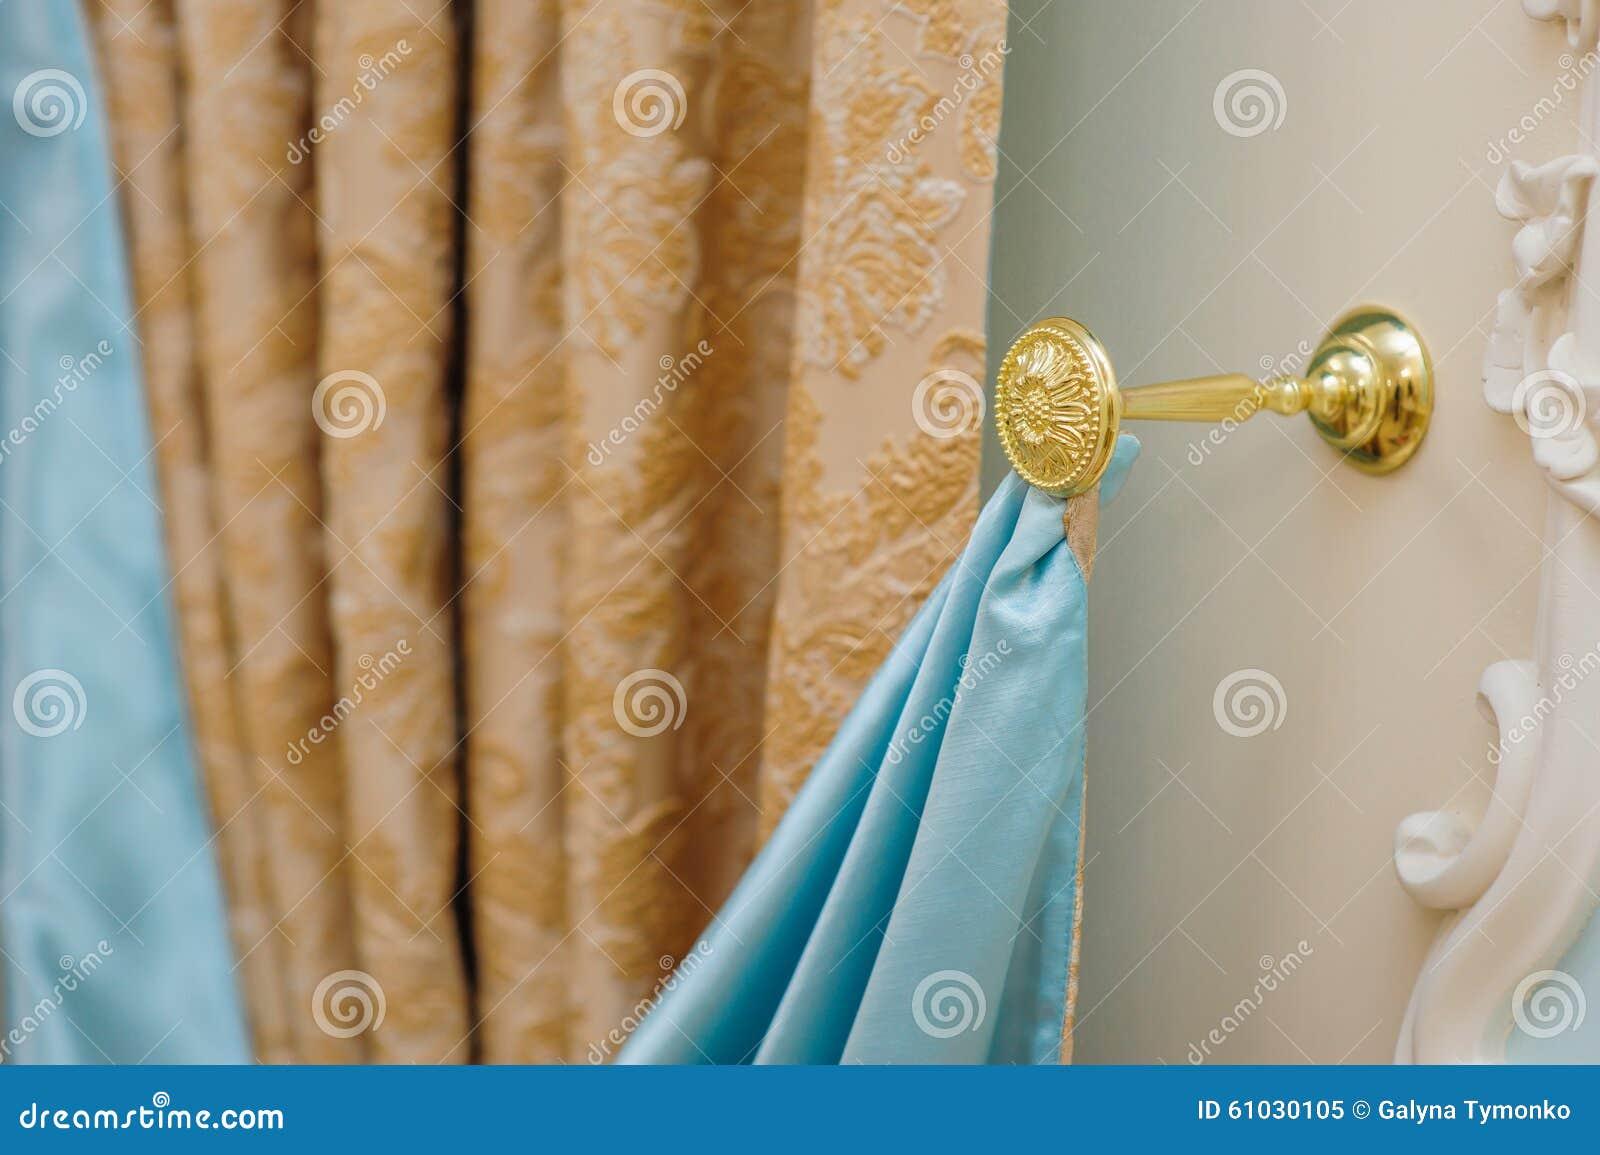 Mooie Slaapkamer Gordijnen : Mooie gordijnen in de slaapkamer en een gouden houder stock